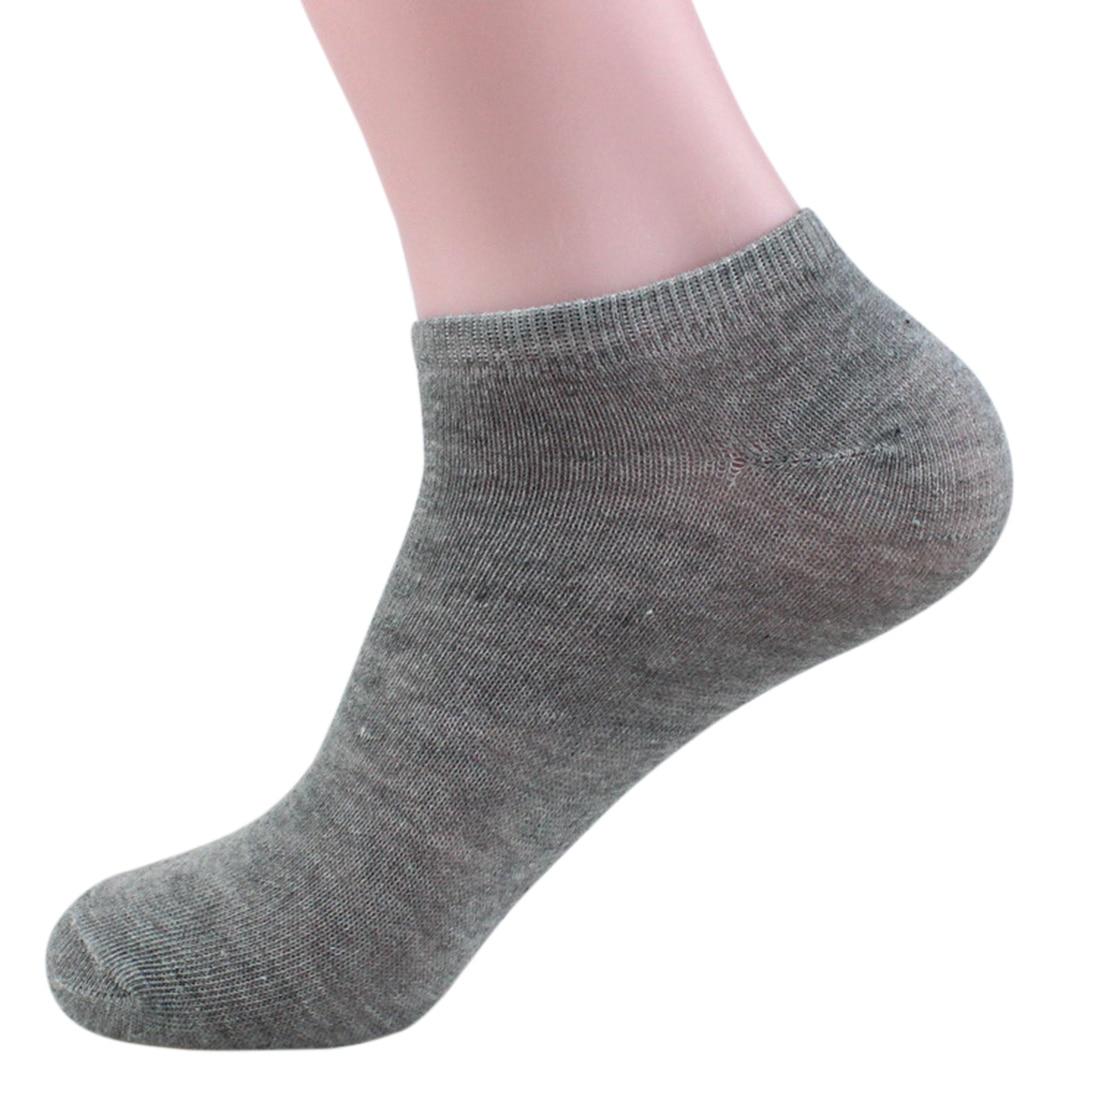 1 Pair Fashion Men Socks Casual Socks Classic Bamboo Fiber Men Slippers Socks for Men Women Solid Random Color One Size